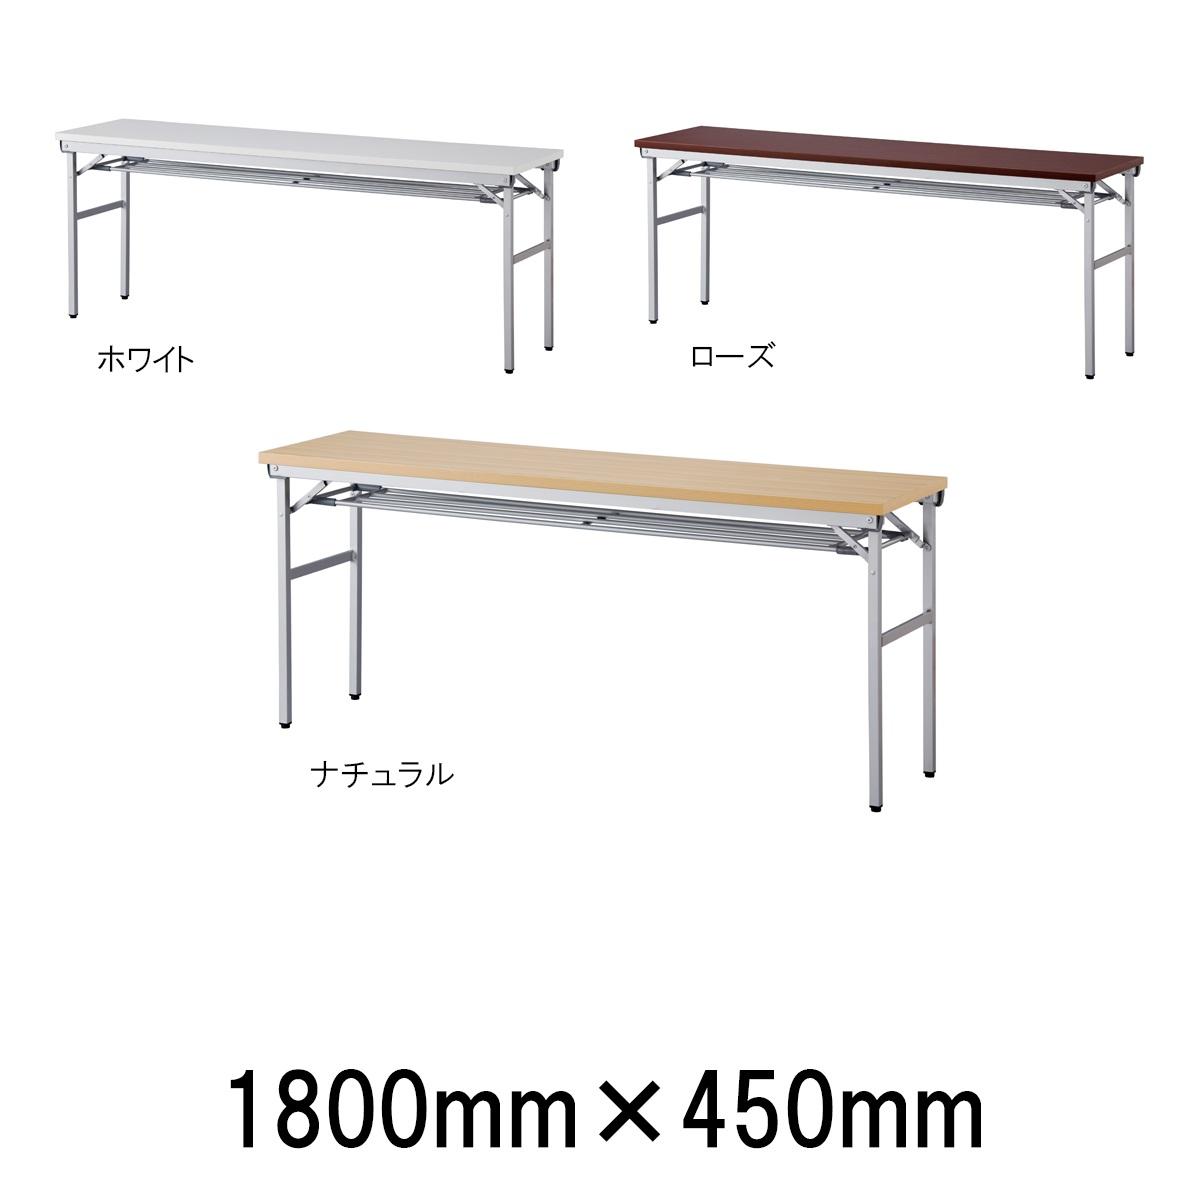 会議用テーブル 折りたたみ W1800 D450 H700 棚付き | I-OTNK-1845T